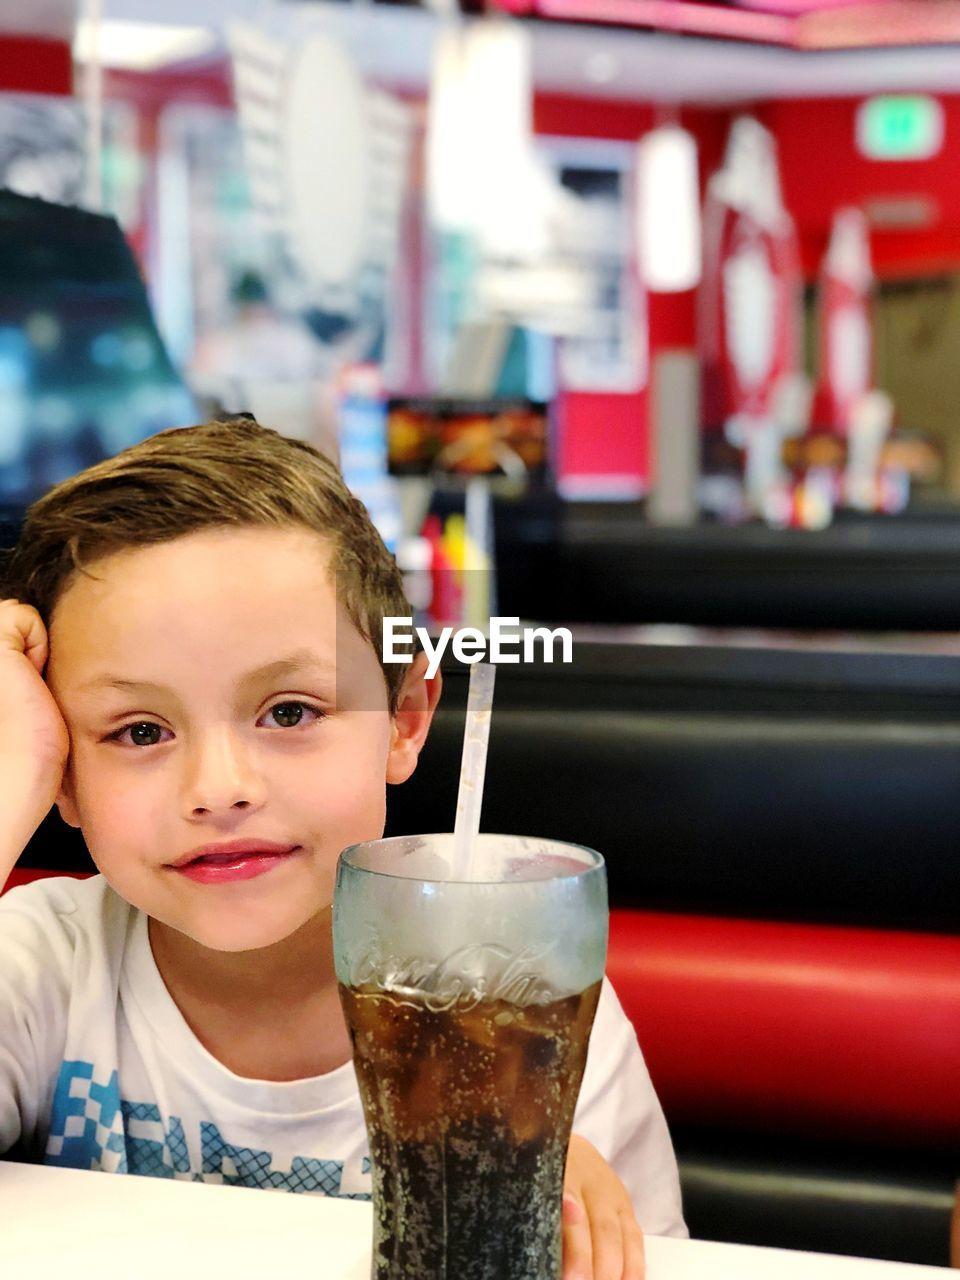 PORTRAIT OF BOY DRINKING GLASS IN RESTAURANT